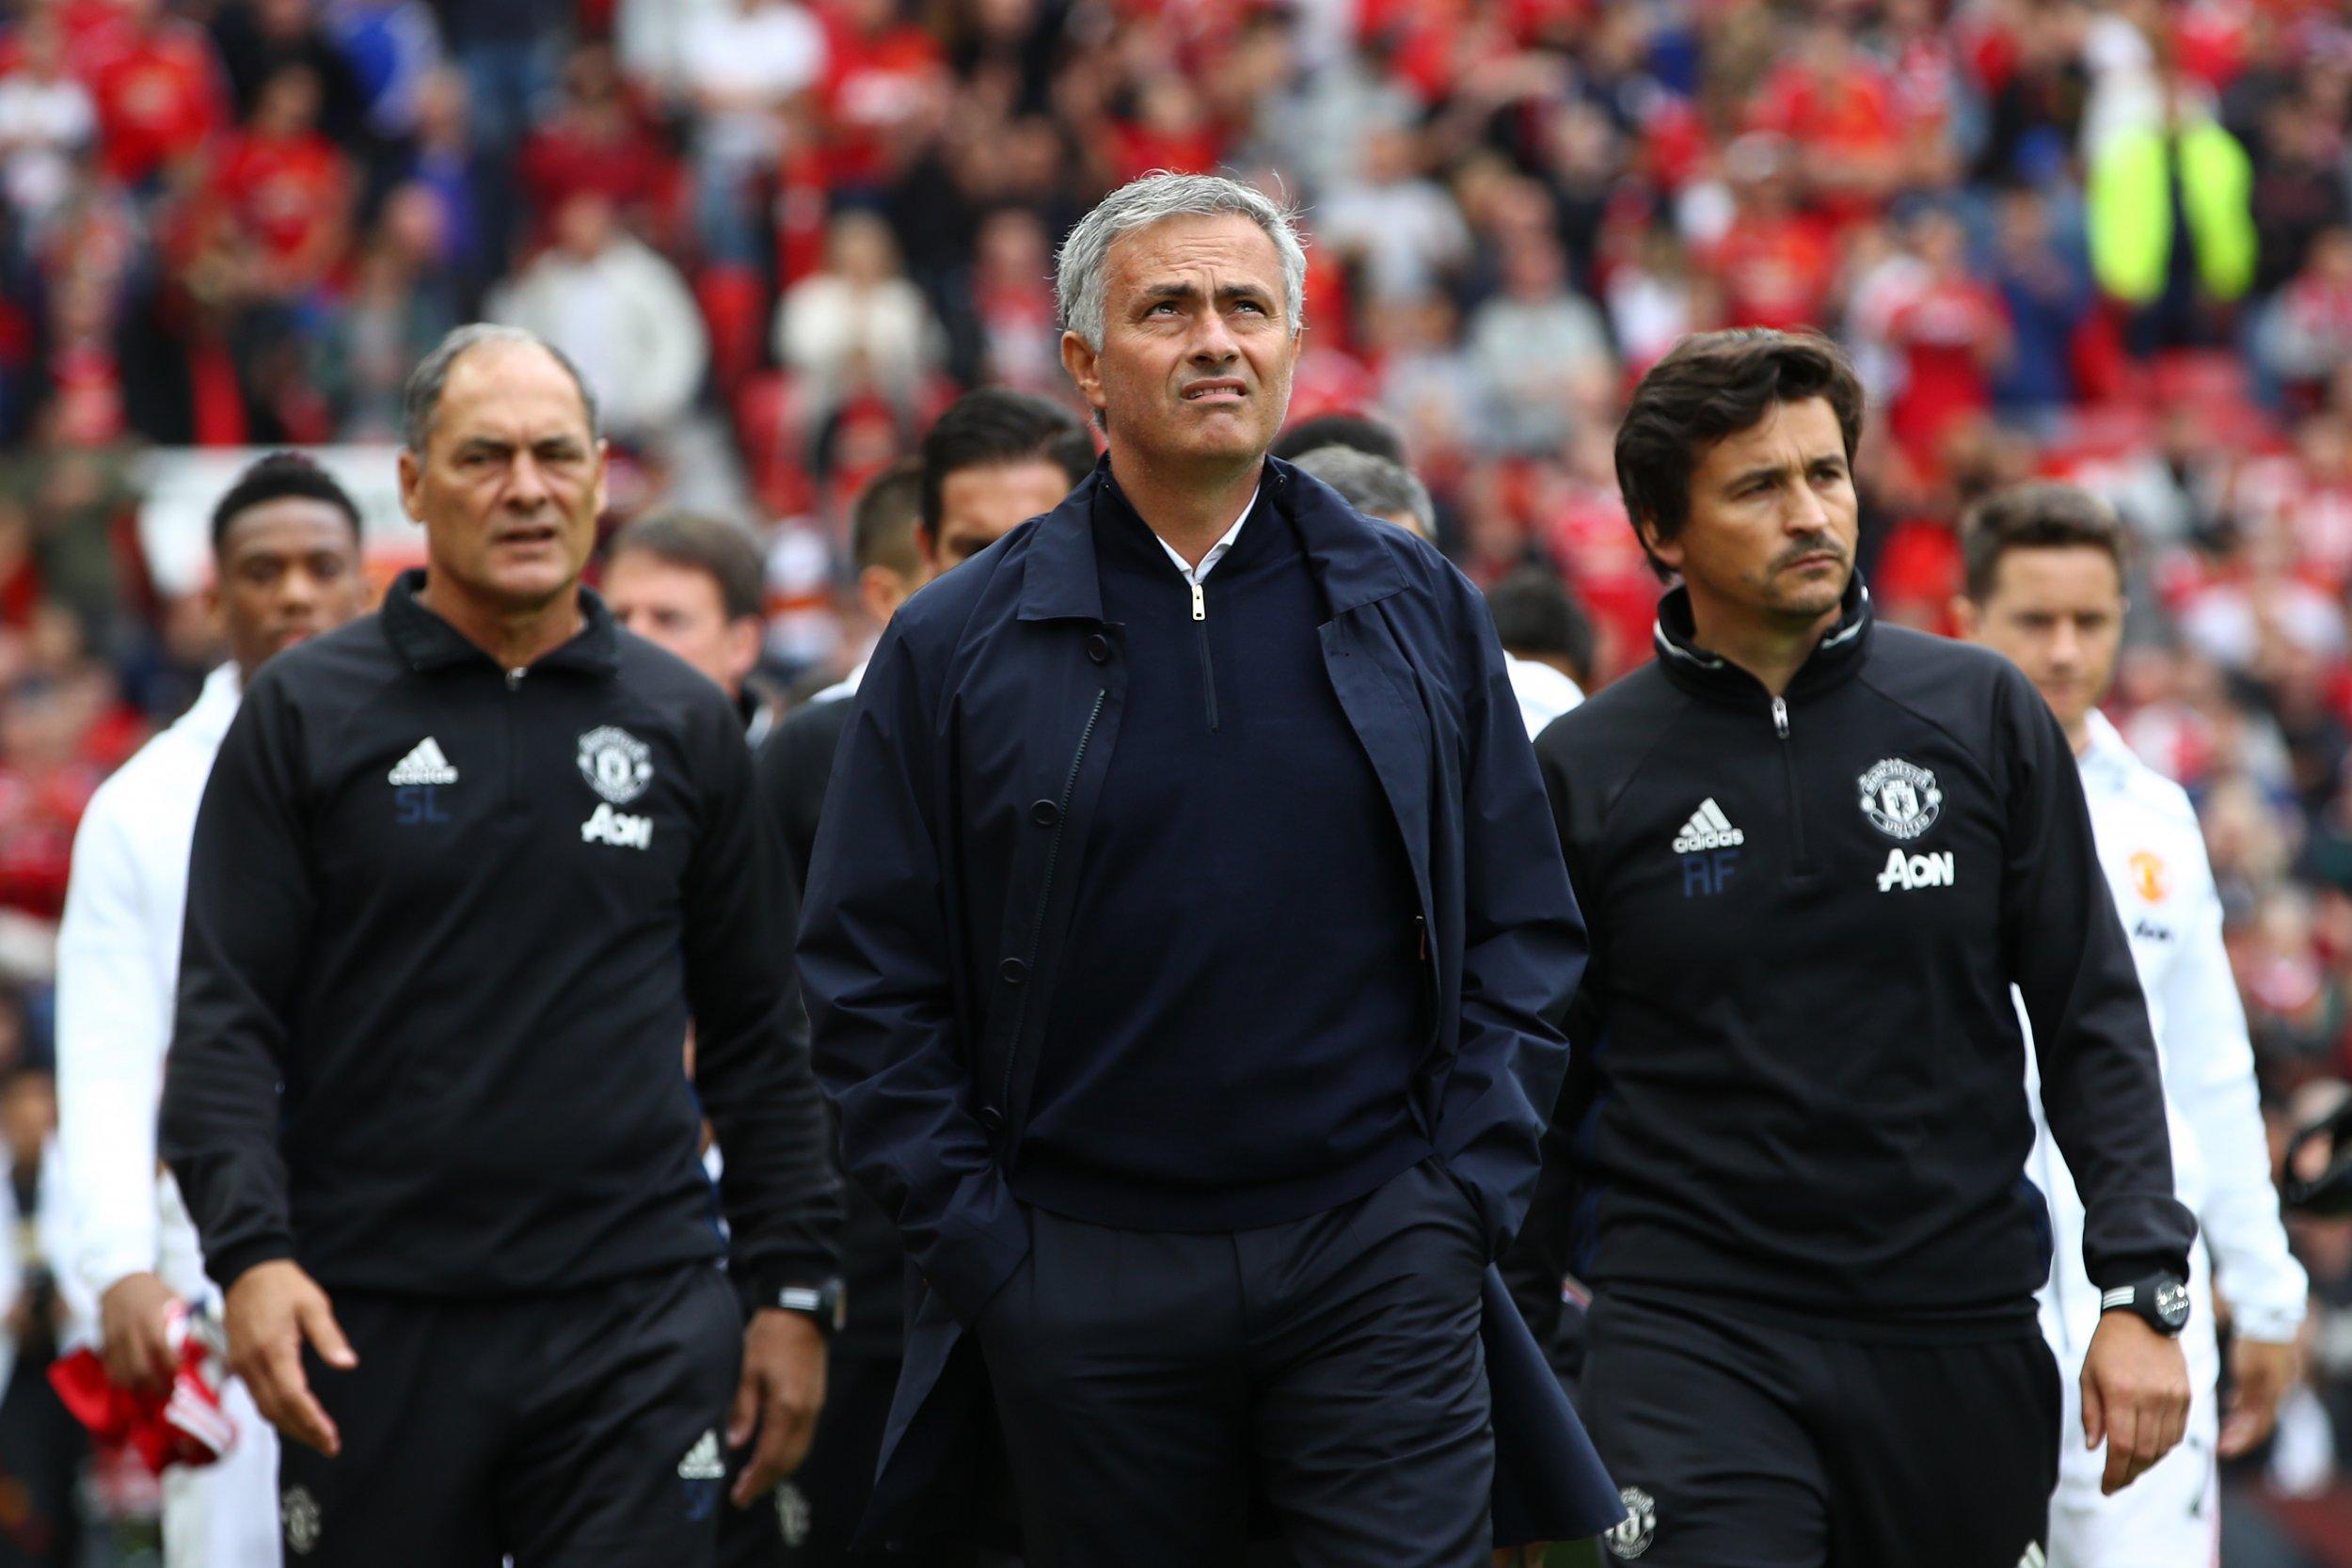 Manchester United manager Jose Mourinho, center.